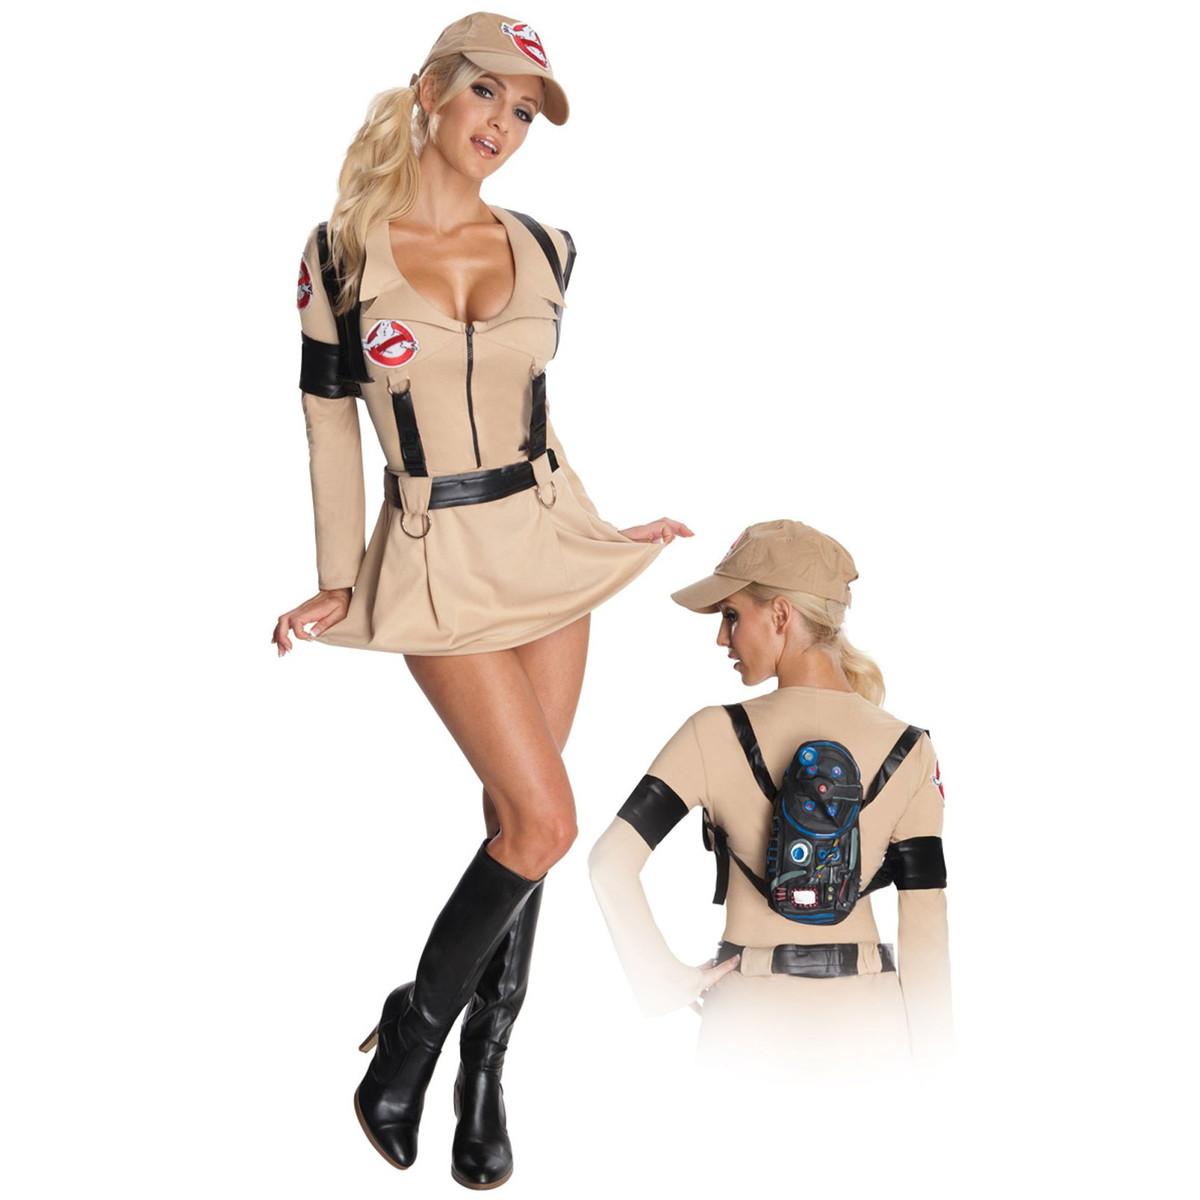 ゴーストバスターズ 衣装 コスプレ コスチューム 大人 女性用 映画 ハロウィン レディース 仮装 グッズ